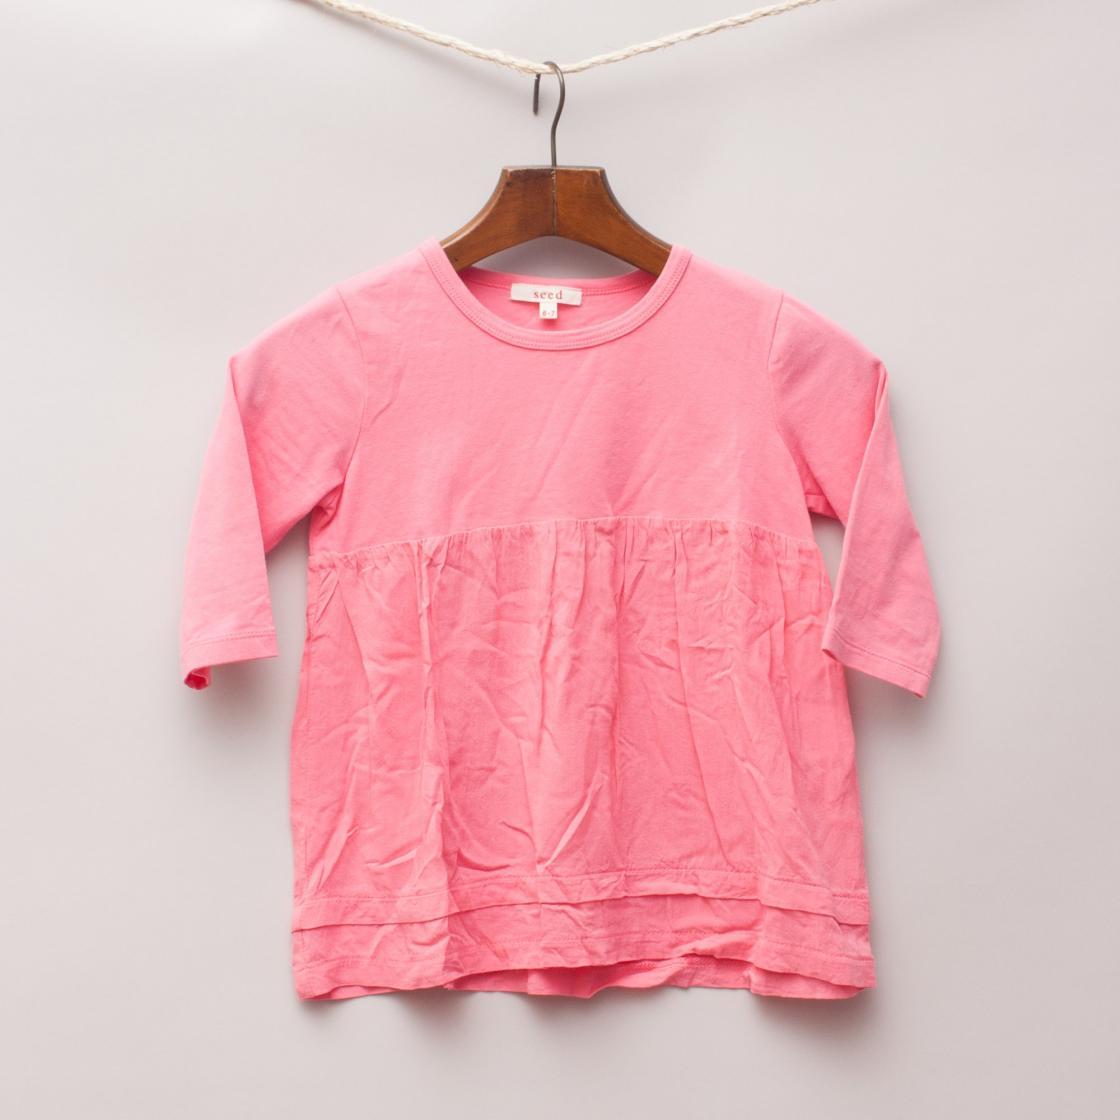 Seed Pink Long Sleeve Top